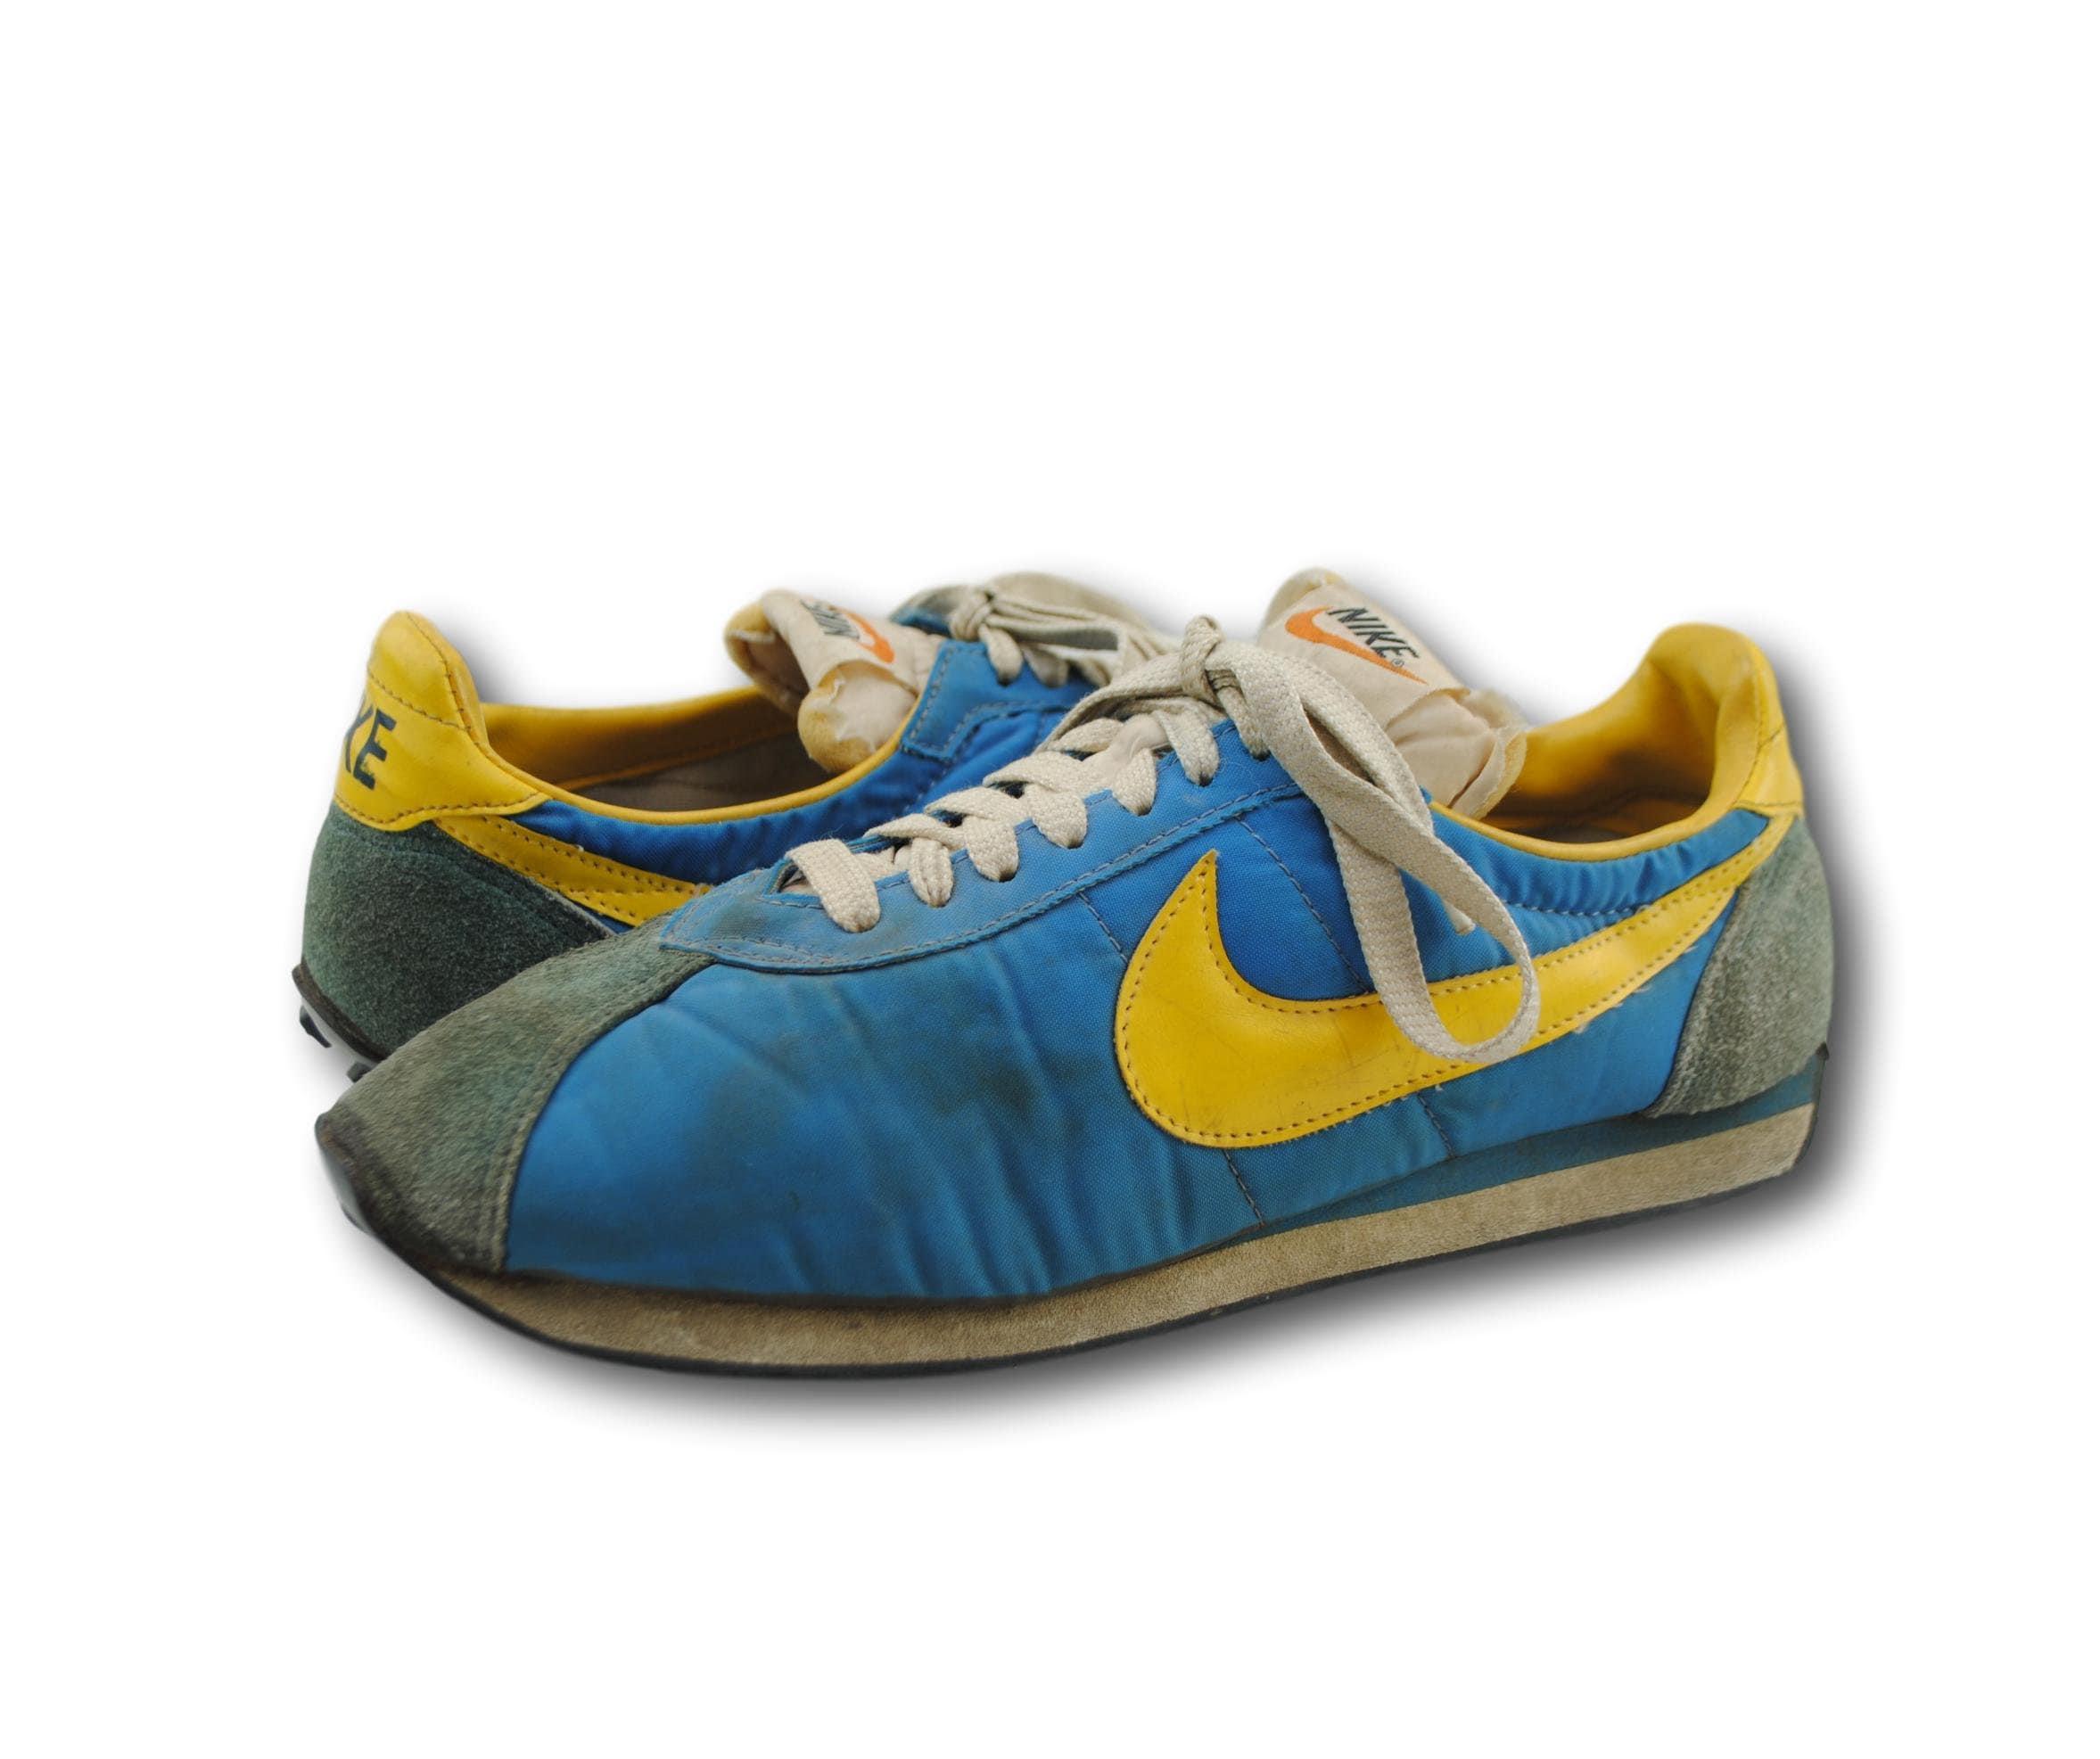 vintage 70 & # 39; s nike bleu et et et jaune gaufre formateur des chaussures de course baskets sz 9,5 fabriqués au japon. 95f542